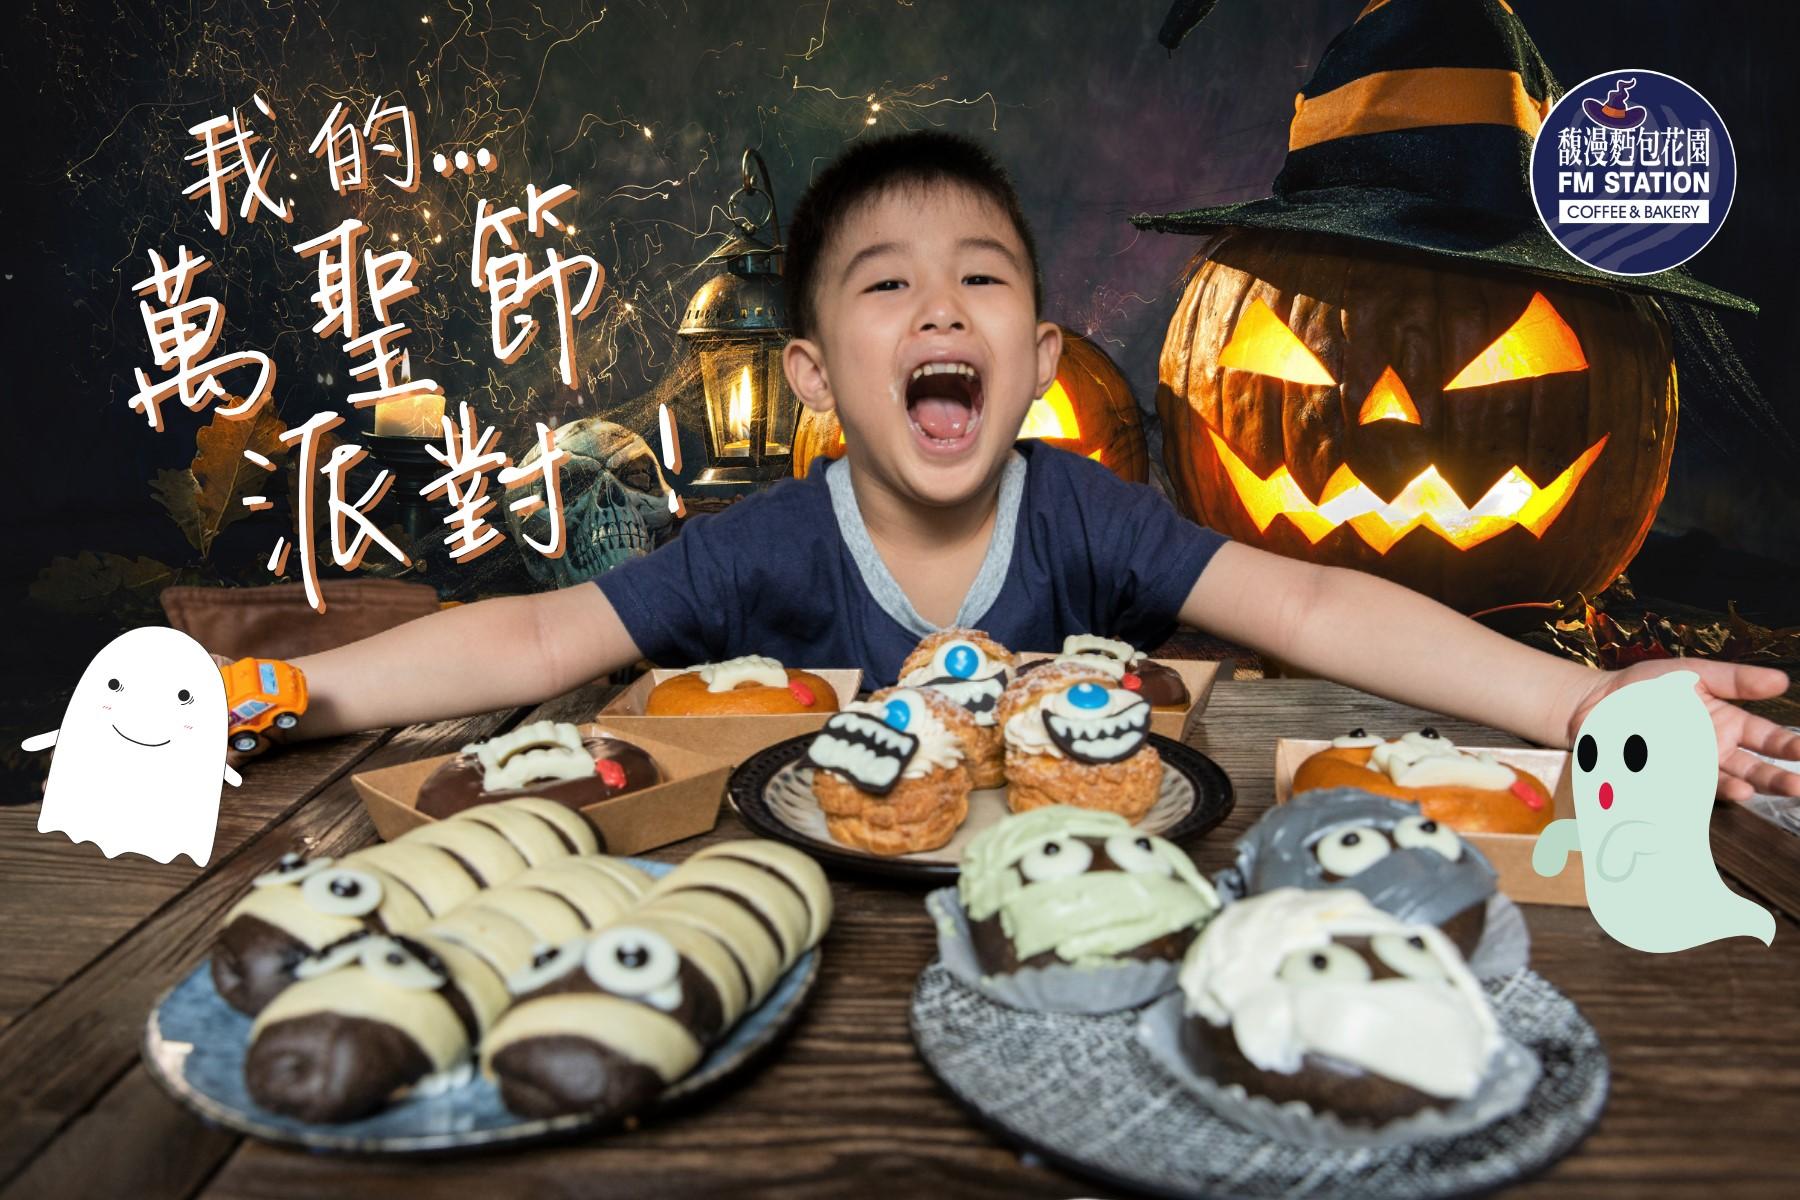 馥漫花園麵包江子翠店|萌翻了,萬聖節派對甜點吃起來~有了他們更有萬聖節更有氣氛,必點